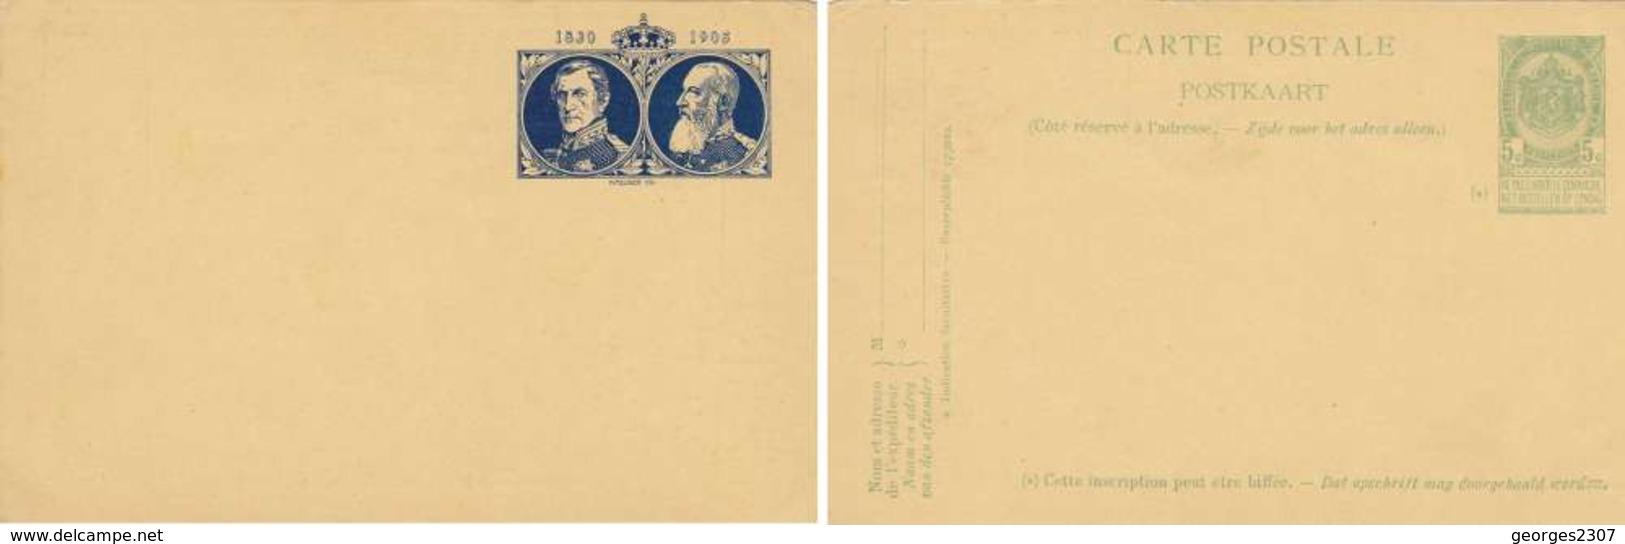 ♦ -belgique -ENTIER POSTAL - CARTE DE BELGIQUE 5C. NE PAS LIVRER LE DIMANCHE - Stamped Stationery